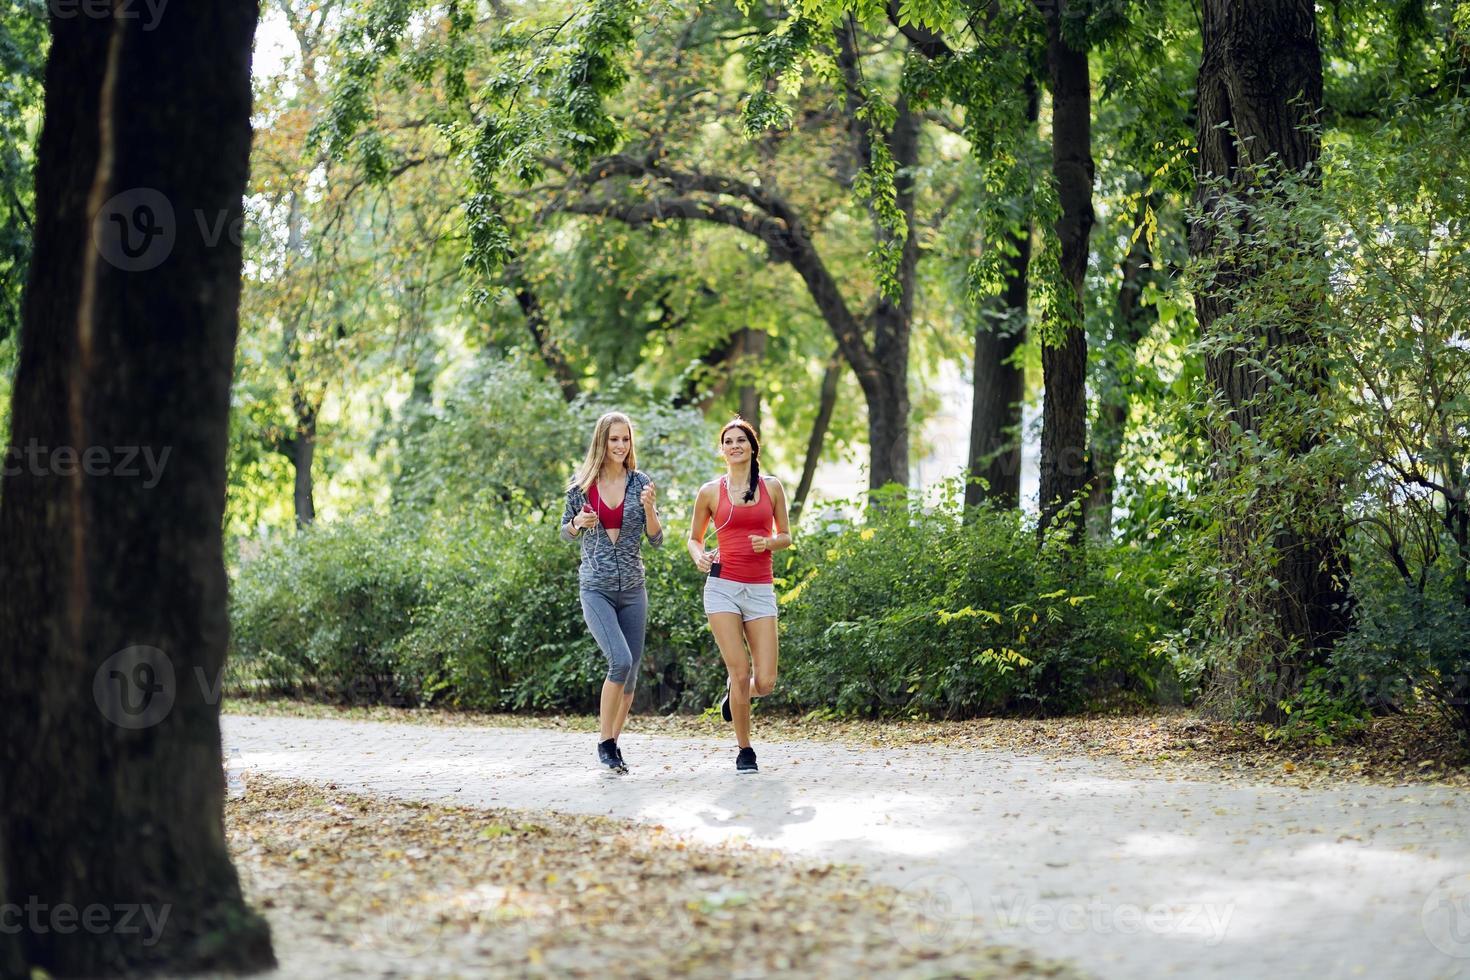 twee mooie vrouwen joggen in het park foto